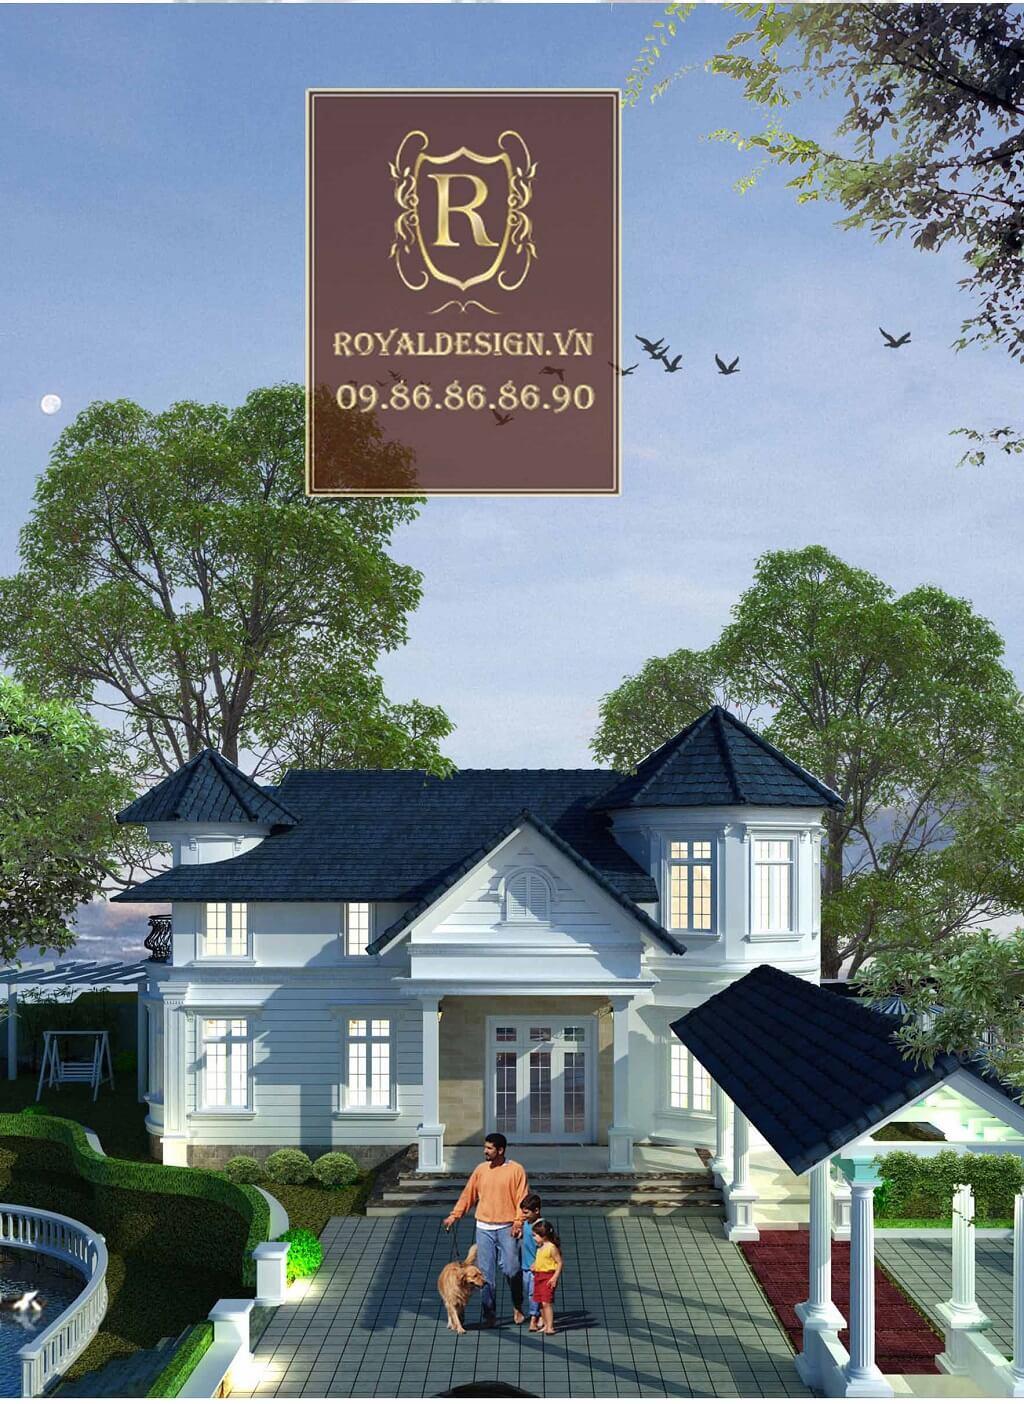 Thiết kế kiến trúc biệt thự nhà vườn 2 tầng theo phong cách châu âu